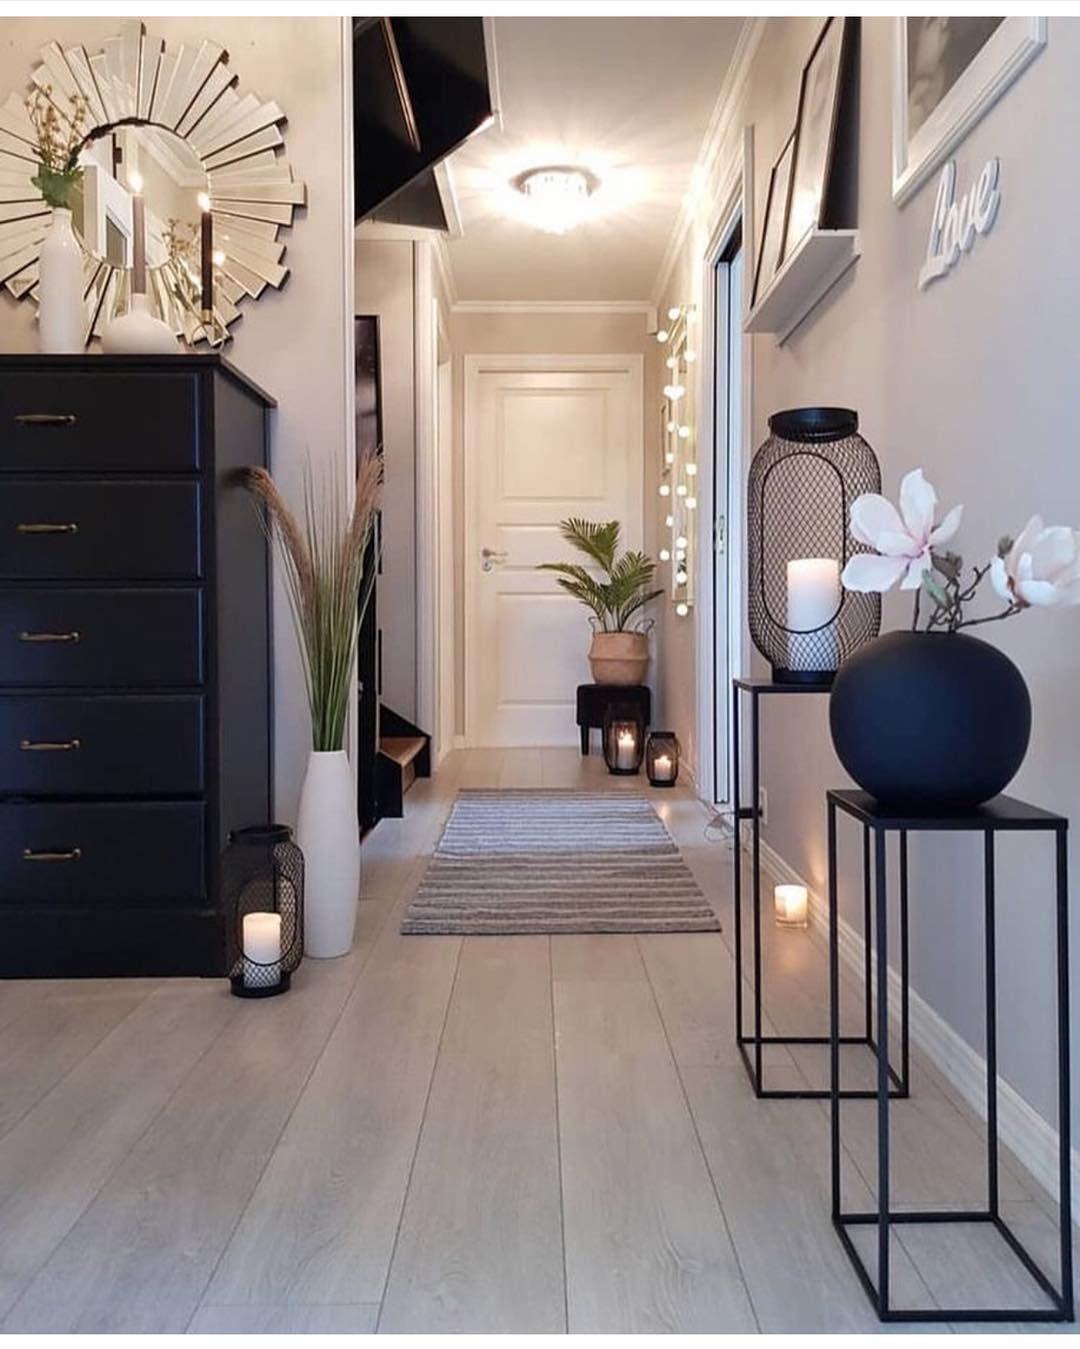 """Inspiration🌸 on Instagram: """"•Anzeige/Werbung• 🌸Flur🌸  #wohnen #interior #m #sch #interiordesign #nerwohnen #design #home #zuhause #wohnzimmer #bel #dekoration…"""""""